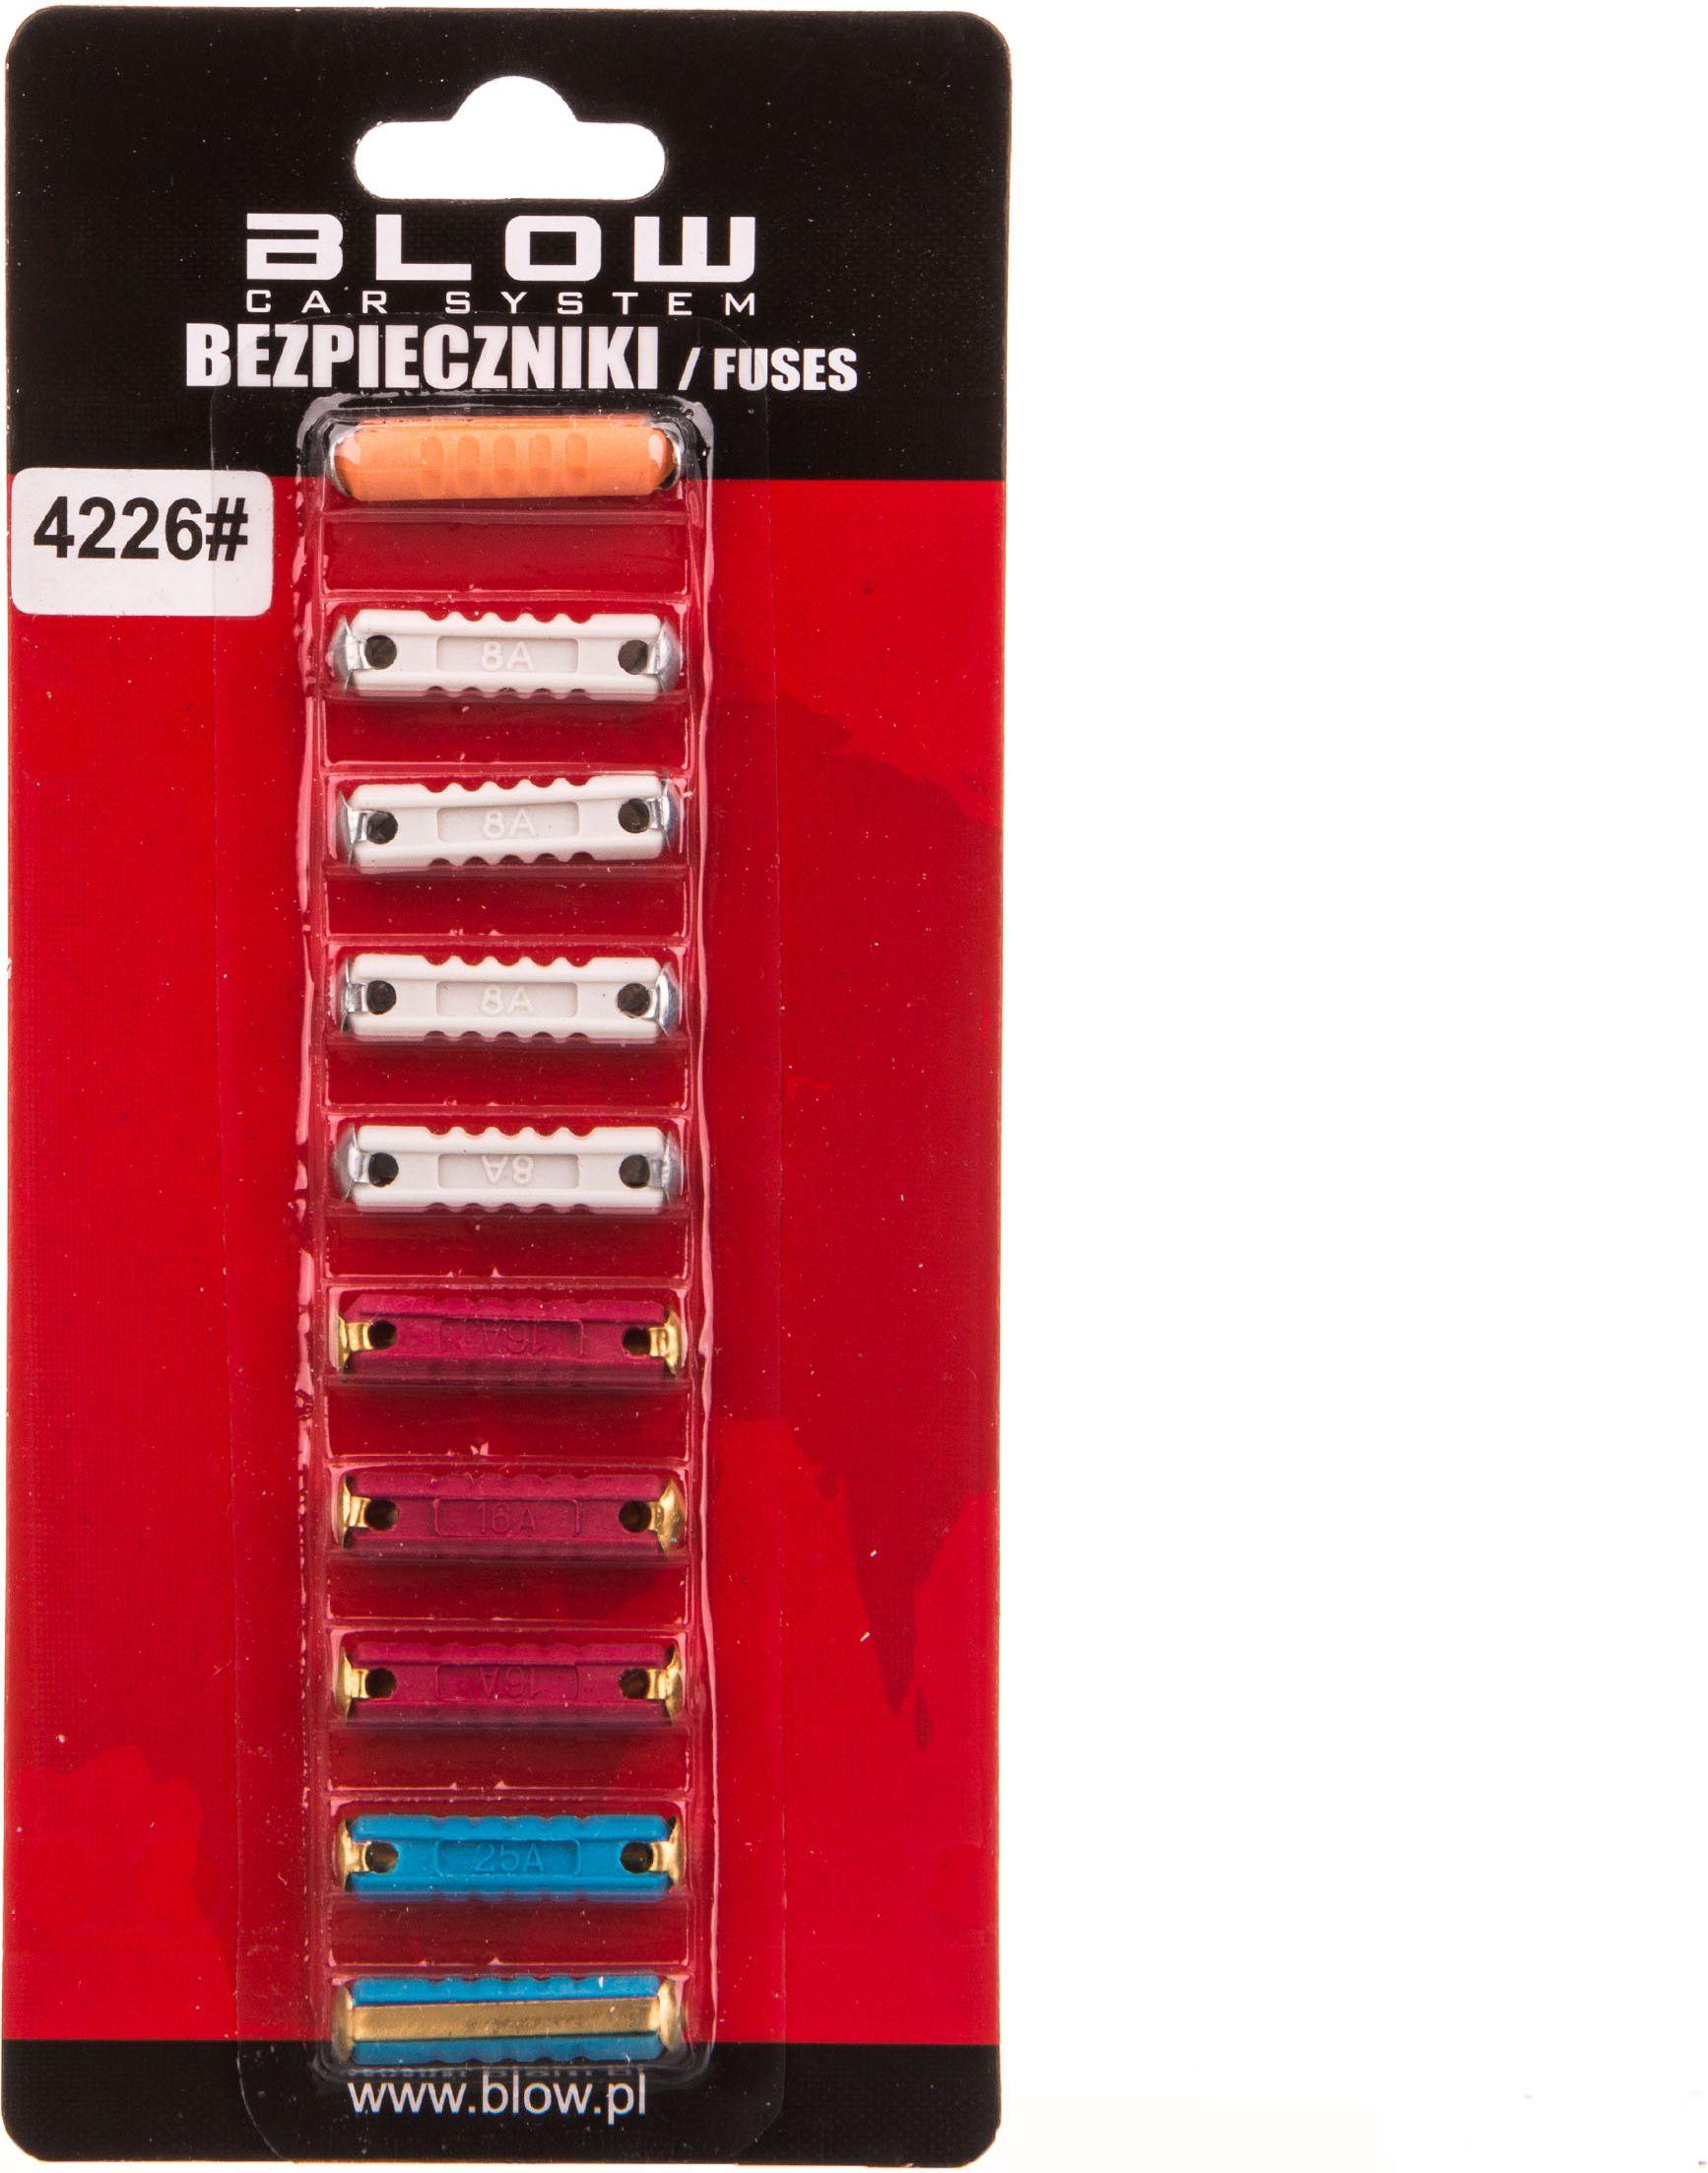 Blow Bezpieczniki samochodowe cylindryczne zestaw 10szt. 4226 4226#